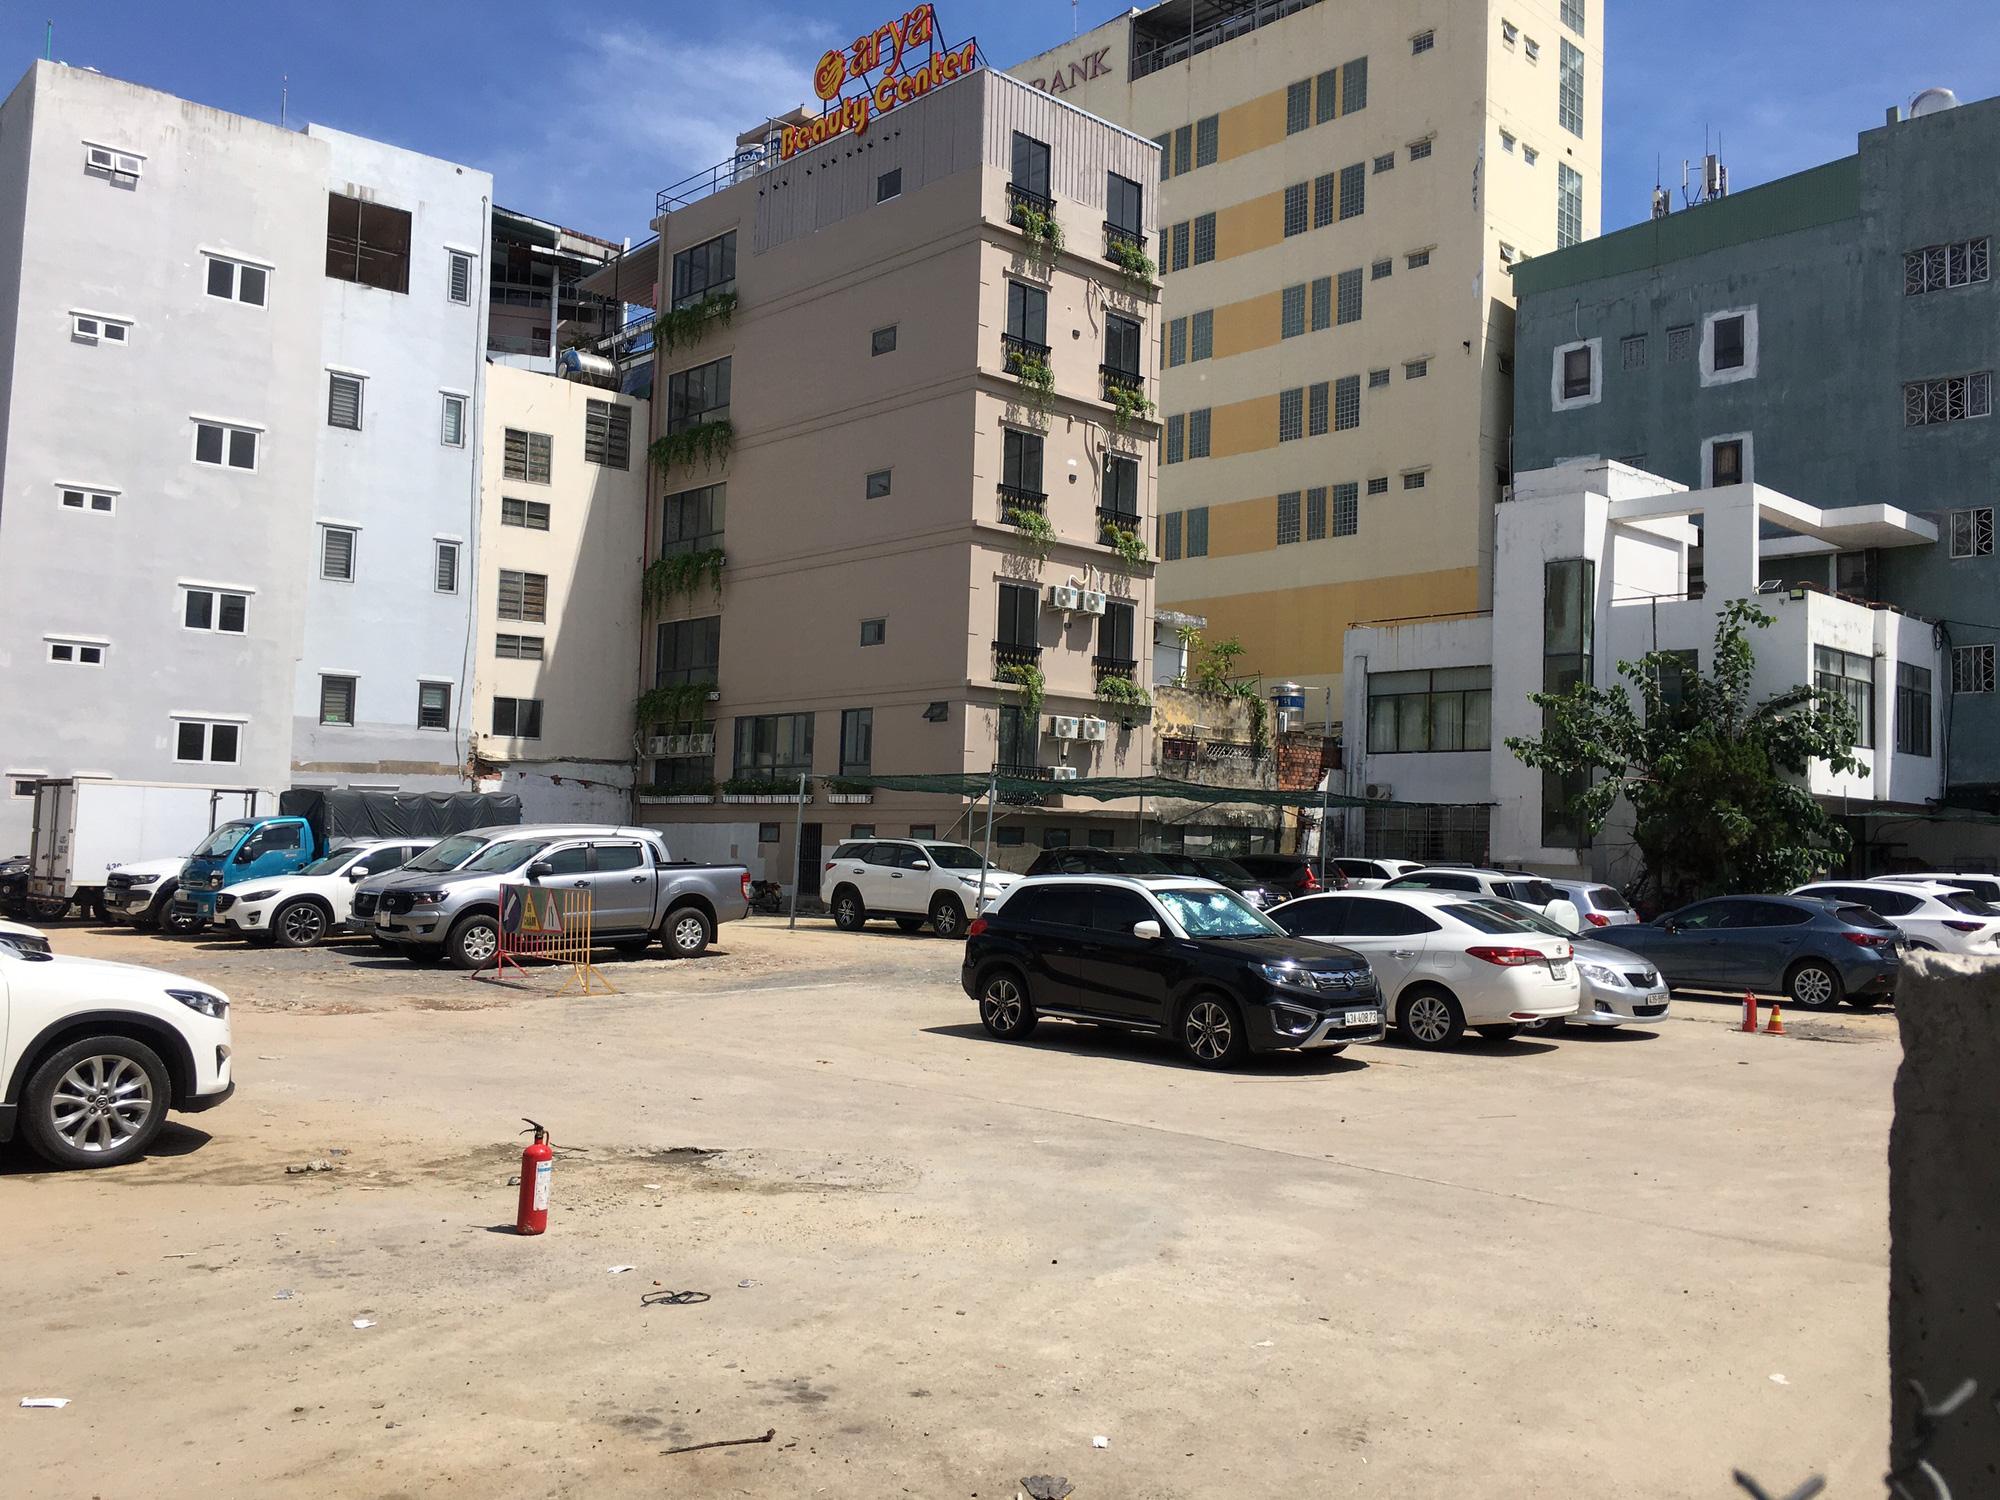 Cận cảnh hai khu đất gần cầu Rồng, Đà Nẵng sẽ đấu giá làm bãi đỗ xe - Ảnh 12.